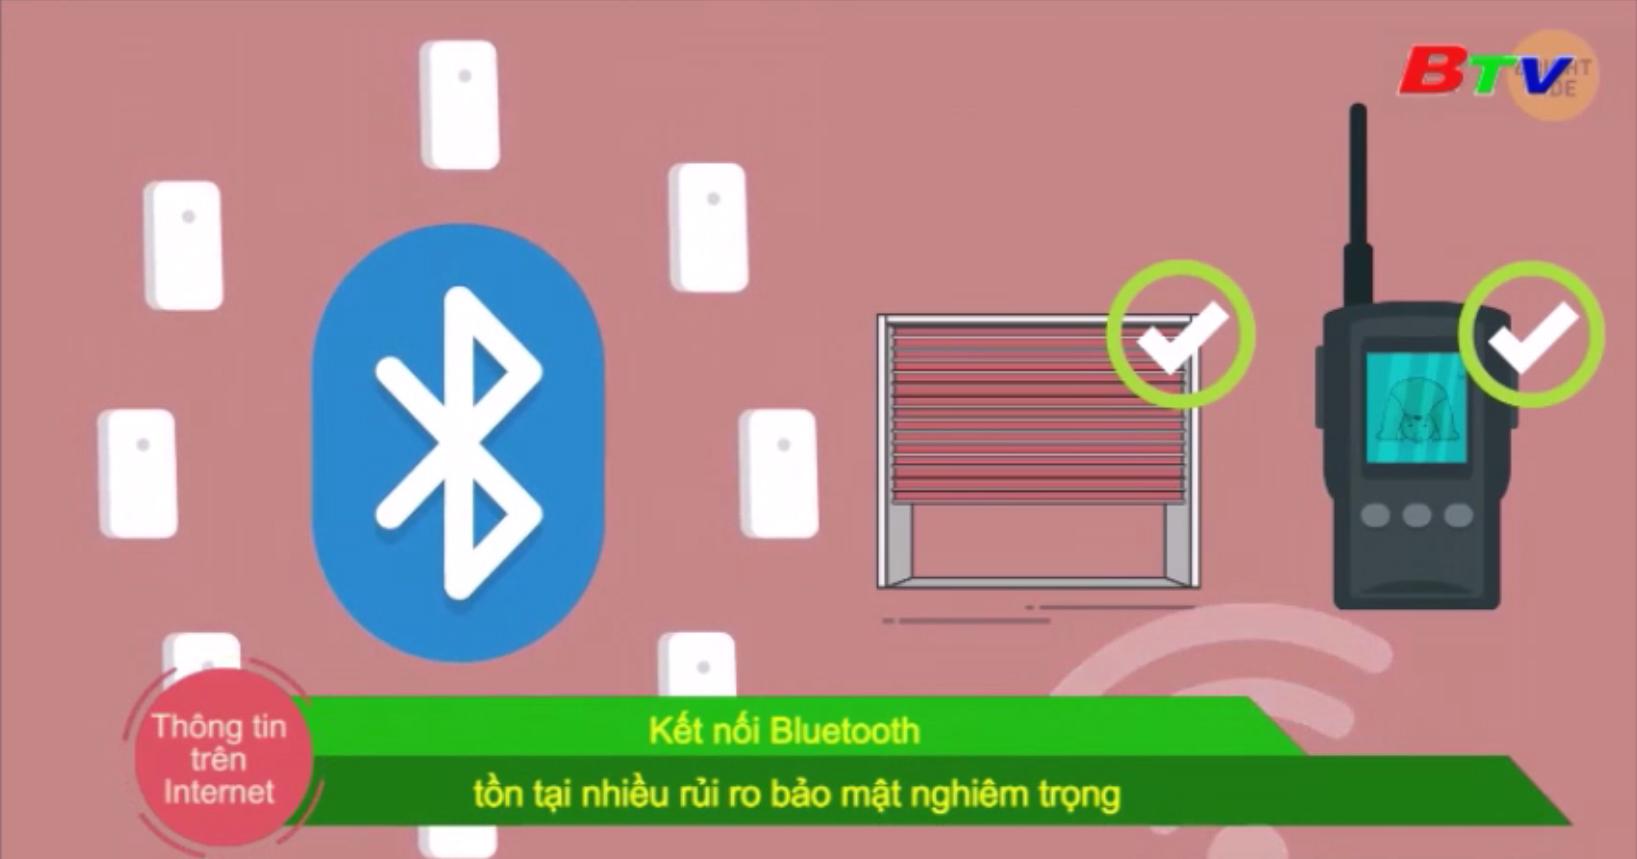 Kết nối Bluetooth tồn tại nhiều rủi ro bảo mật nghiêm trọng